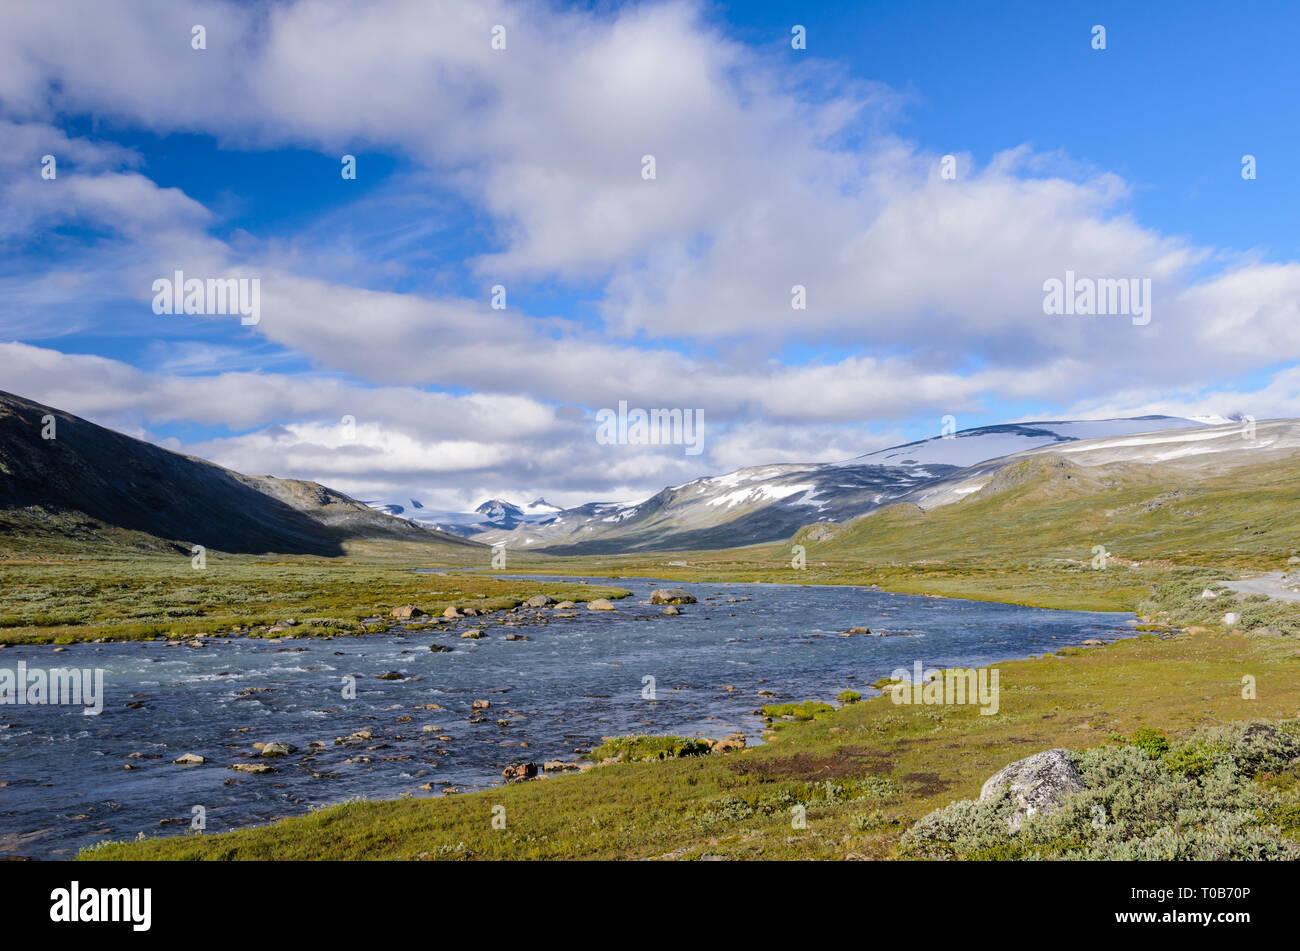 Norwegian fjaeldmark in the Jotunheimen national park - Stock Image